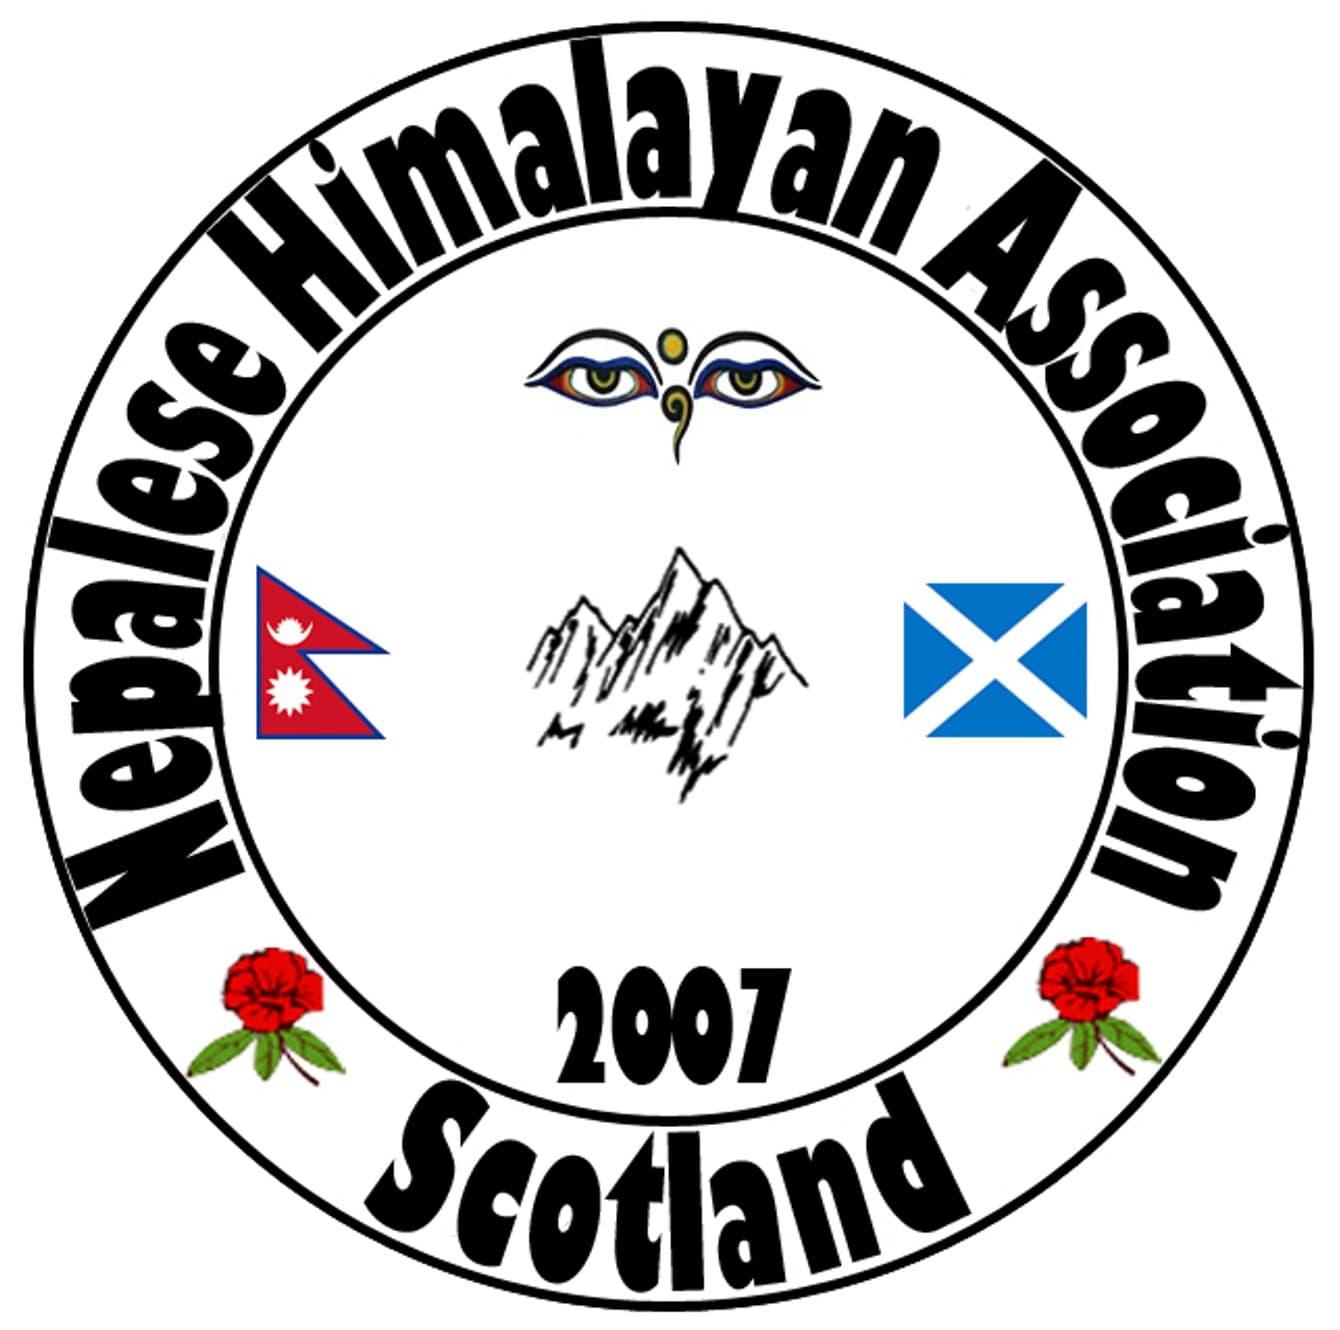 Nepalese Himalayan Association Scotland